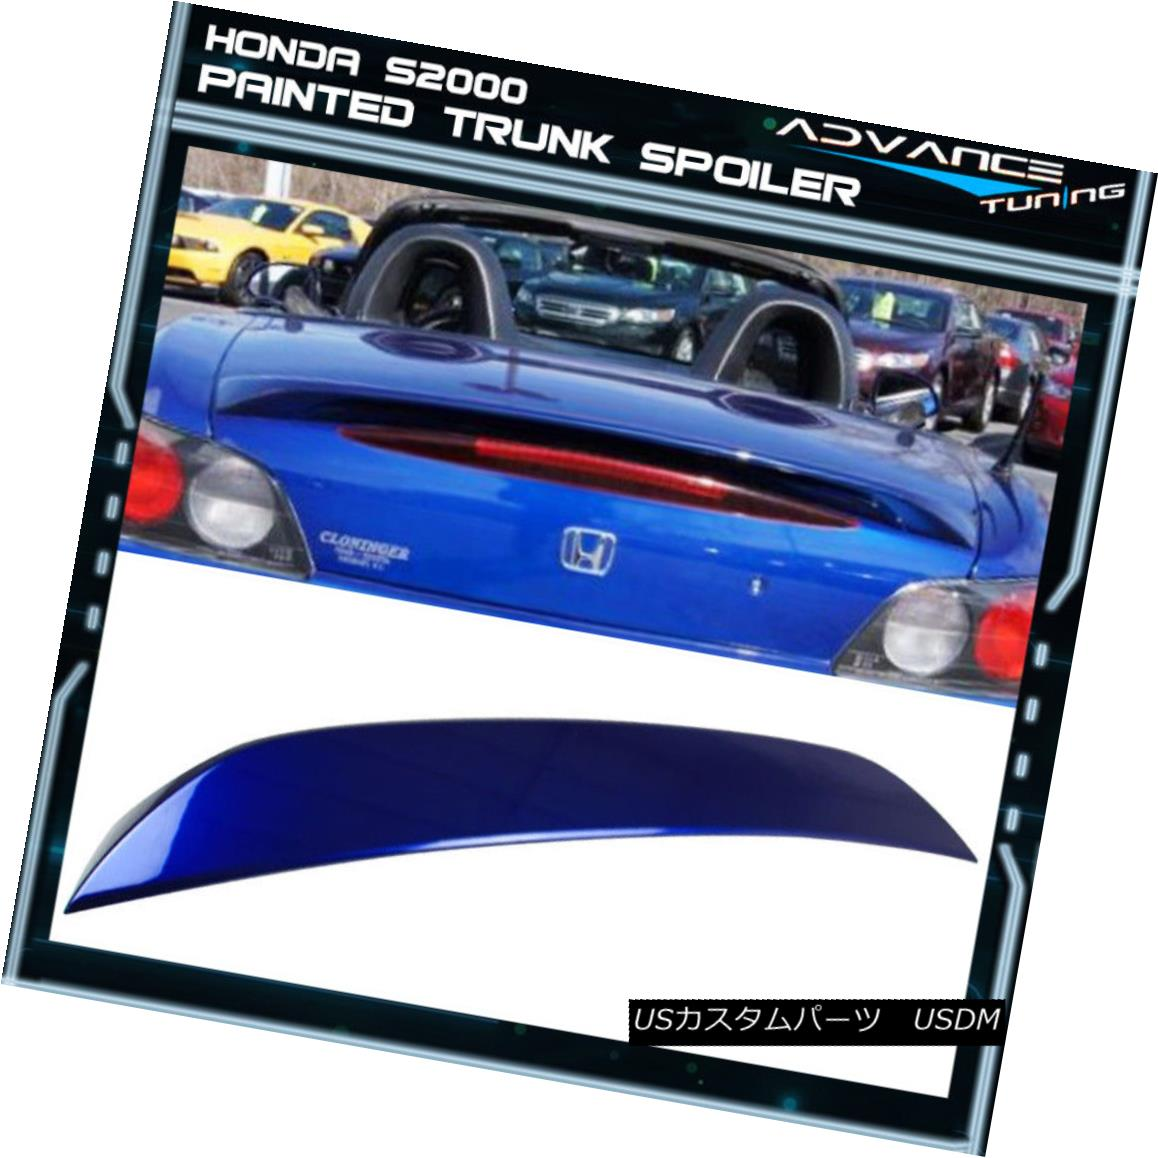 エアロパーツ 01-02 S2000 2Dr AP1 Trunk Spoiler OEM Painted Color Monte Carlo Blue Pearl #B66P 01-02 S2000 2Dr AP1トランクスポイラーOEM塗装カラーモンテカルロブルーパール#B66P